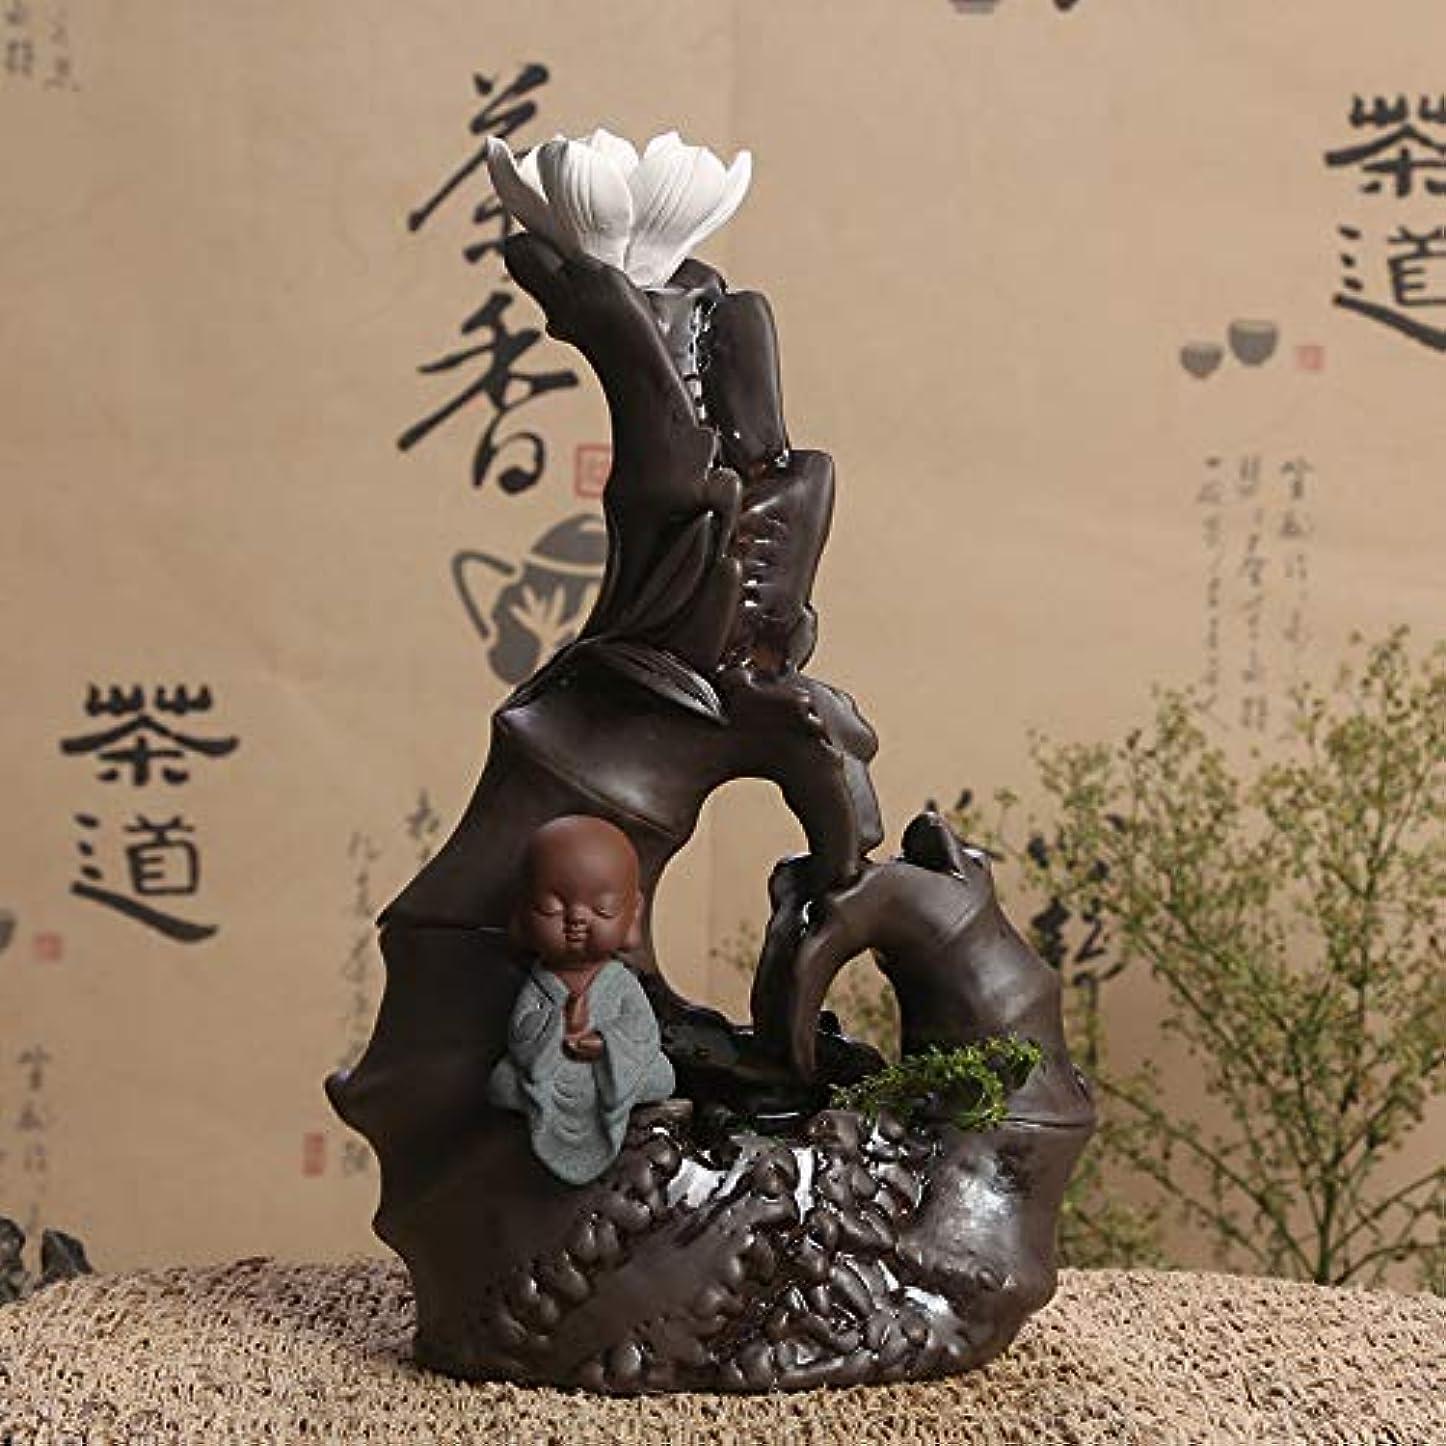 ミュウミュウ禁止言うレトロ手作りセラミック逆流バーナー装飾ホームリフロー香炉ホームデコレーション16 * 25センチ